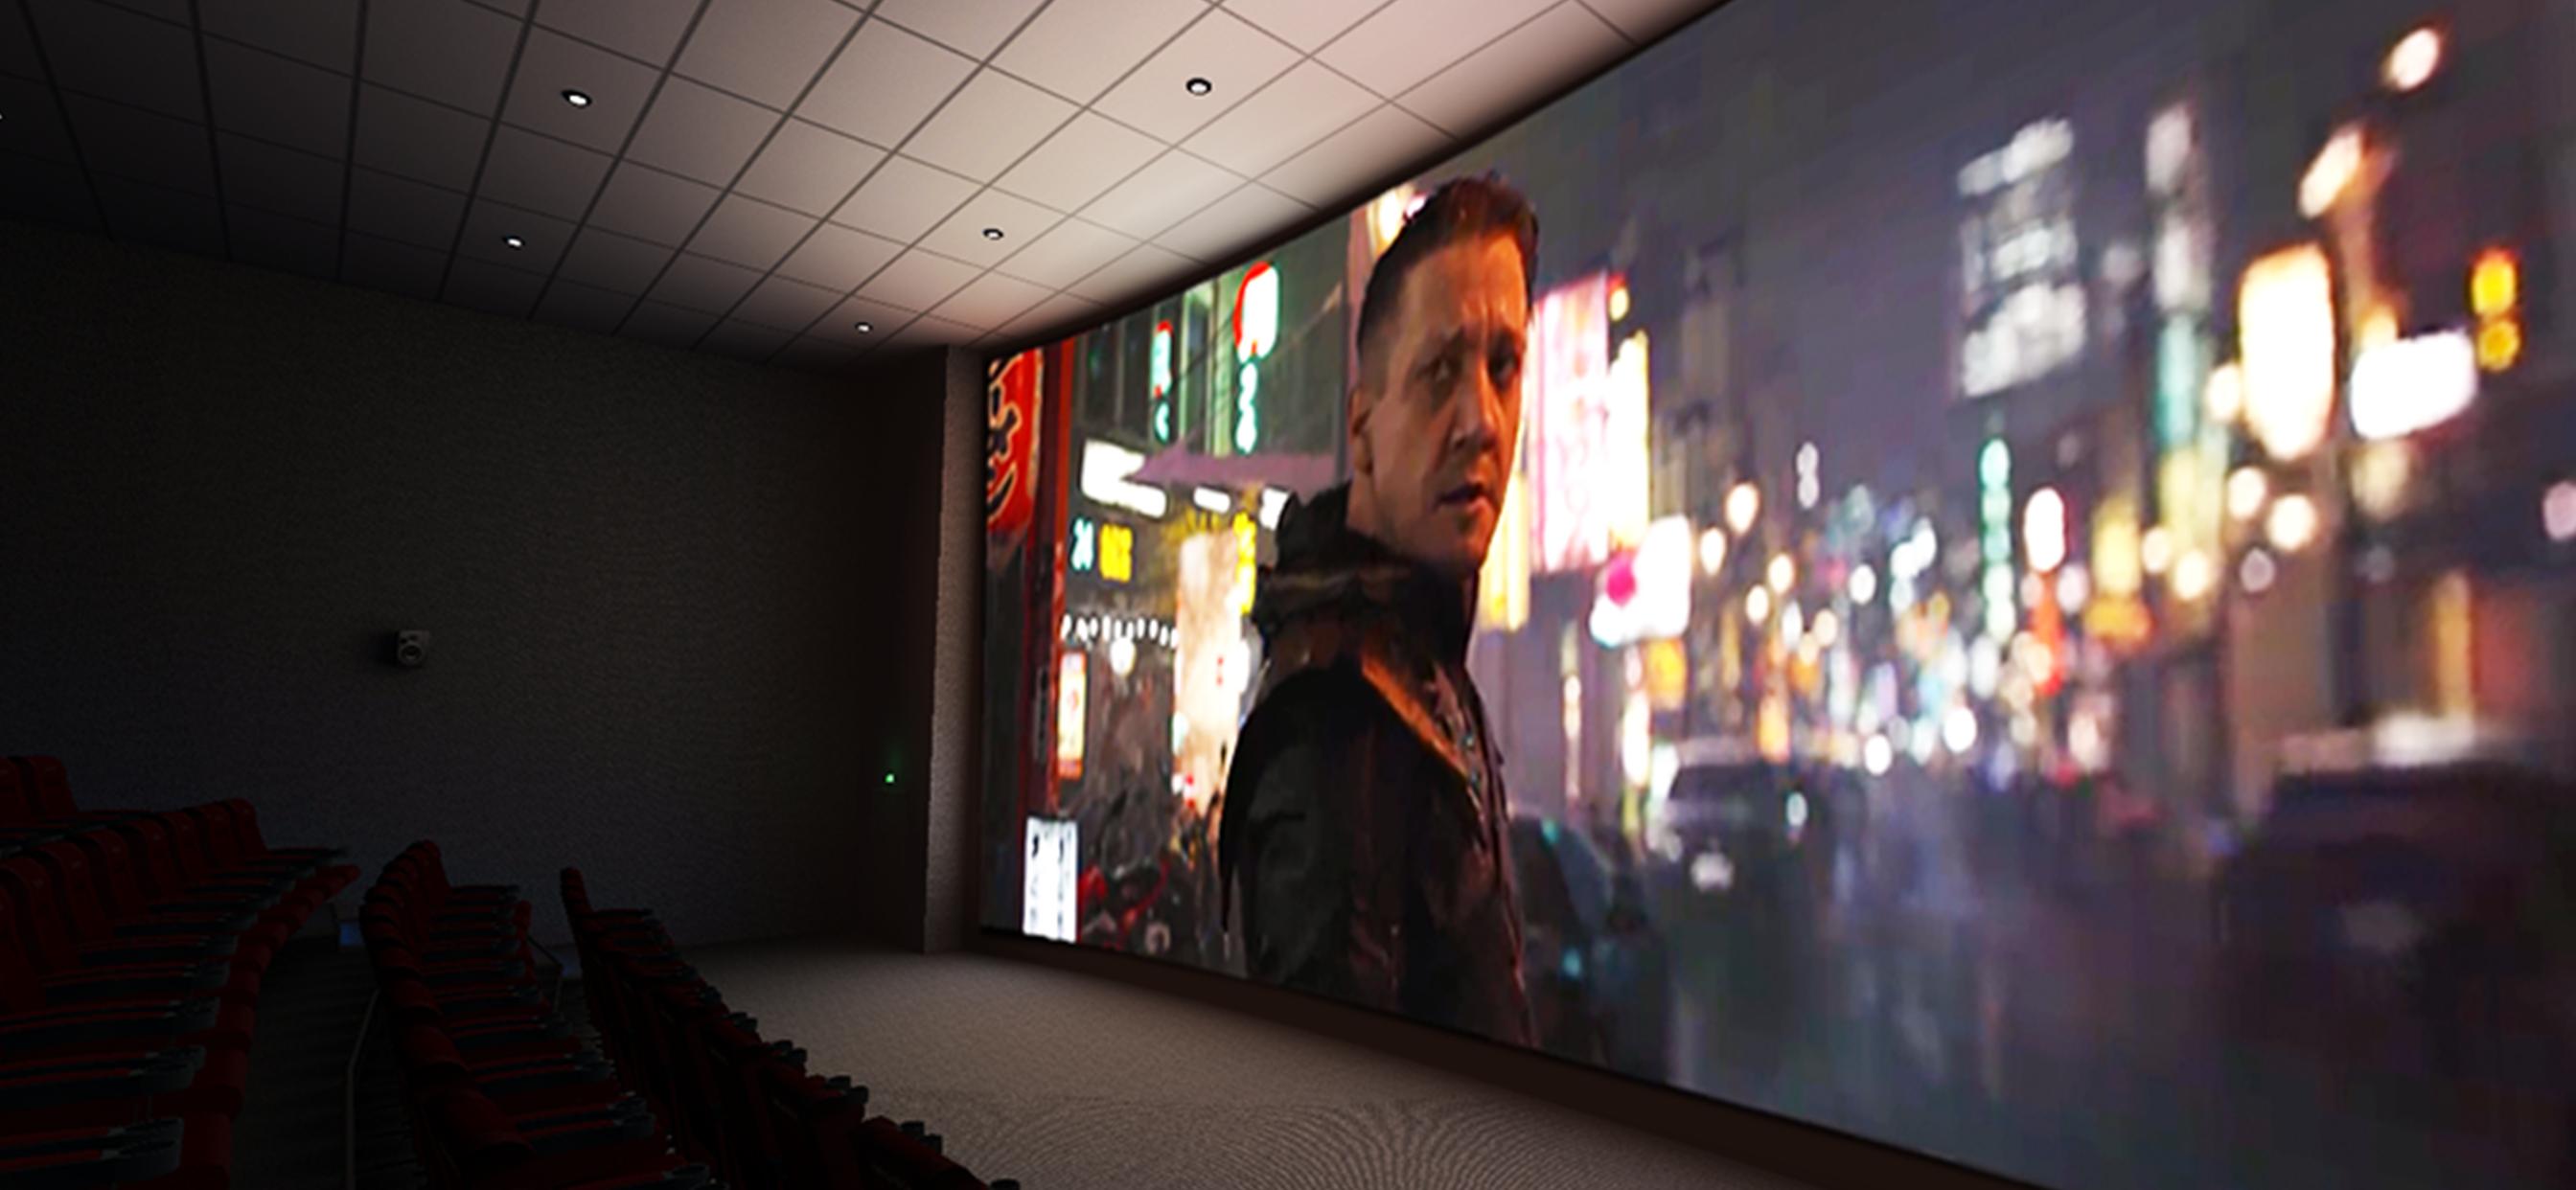 VR Player – Irusu VR Cinema Player Pro